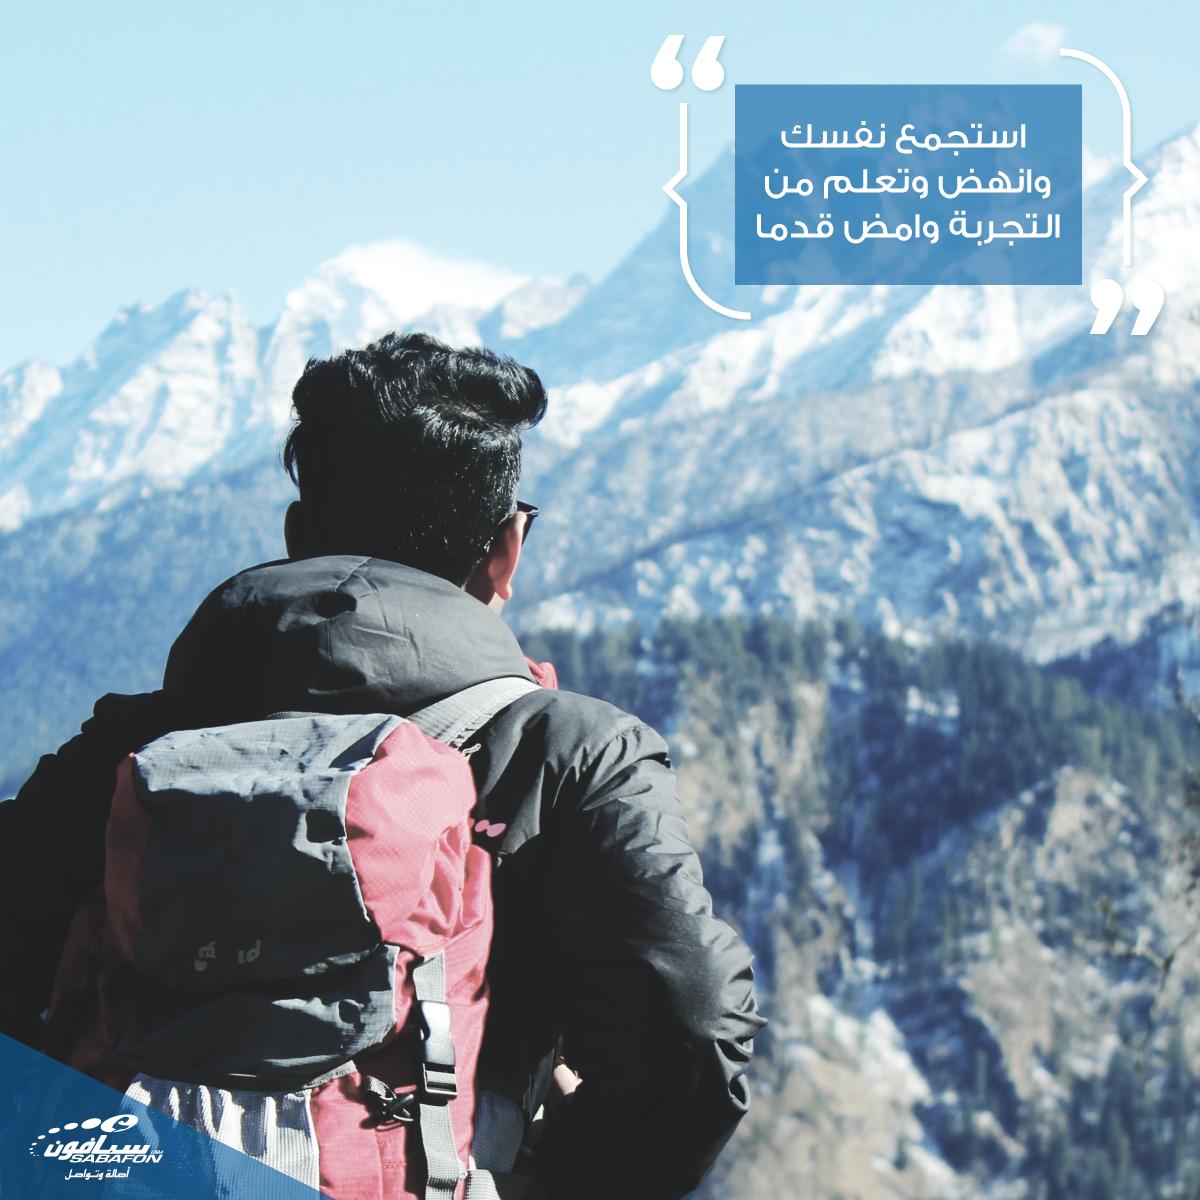 علمتني الحياة أن الصخور تسد الطريق أمام الضعفاء بينما يرتكز عليها الأقوياء للوصول الى القمة ايجابيات Travel Free Camping Traveling By Yourself